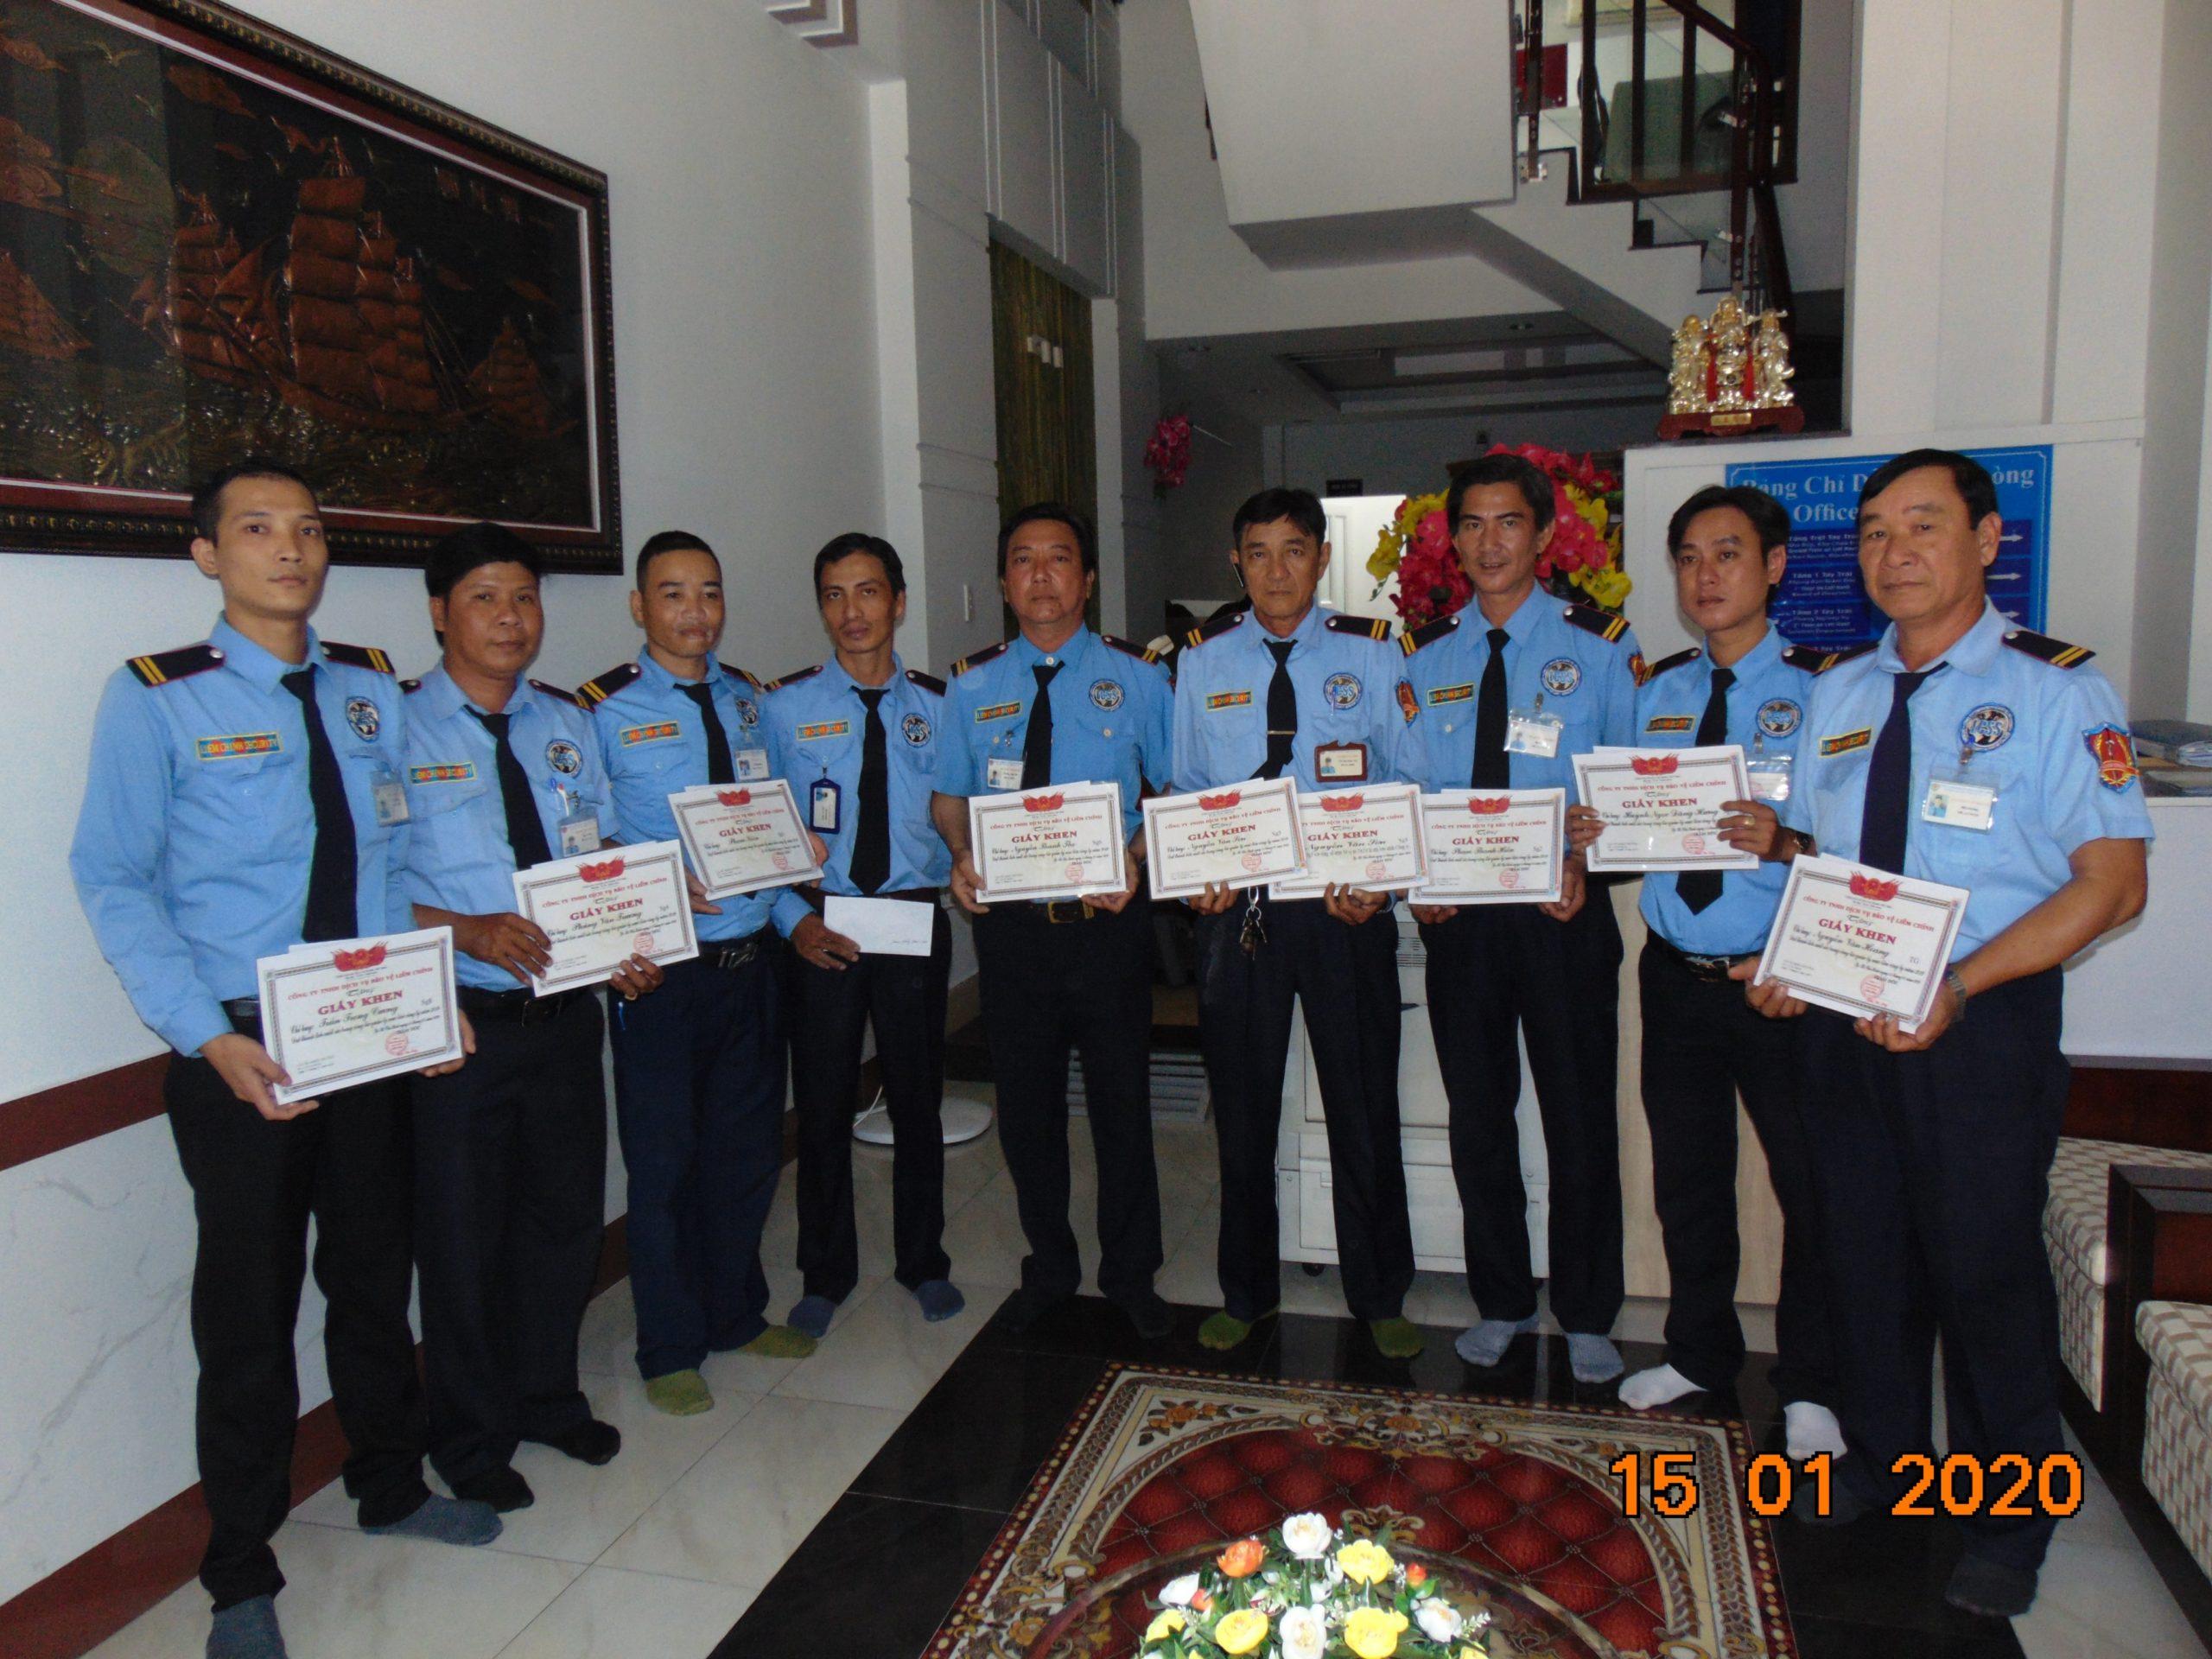 Dịch vụ bảo vệ giá rẻ tại Đà Nẵng uy tín